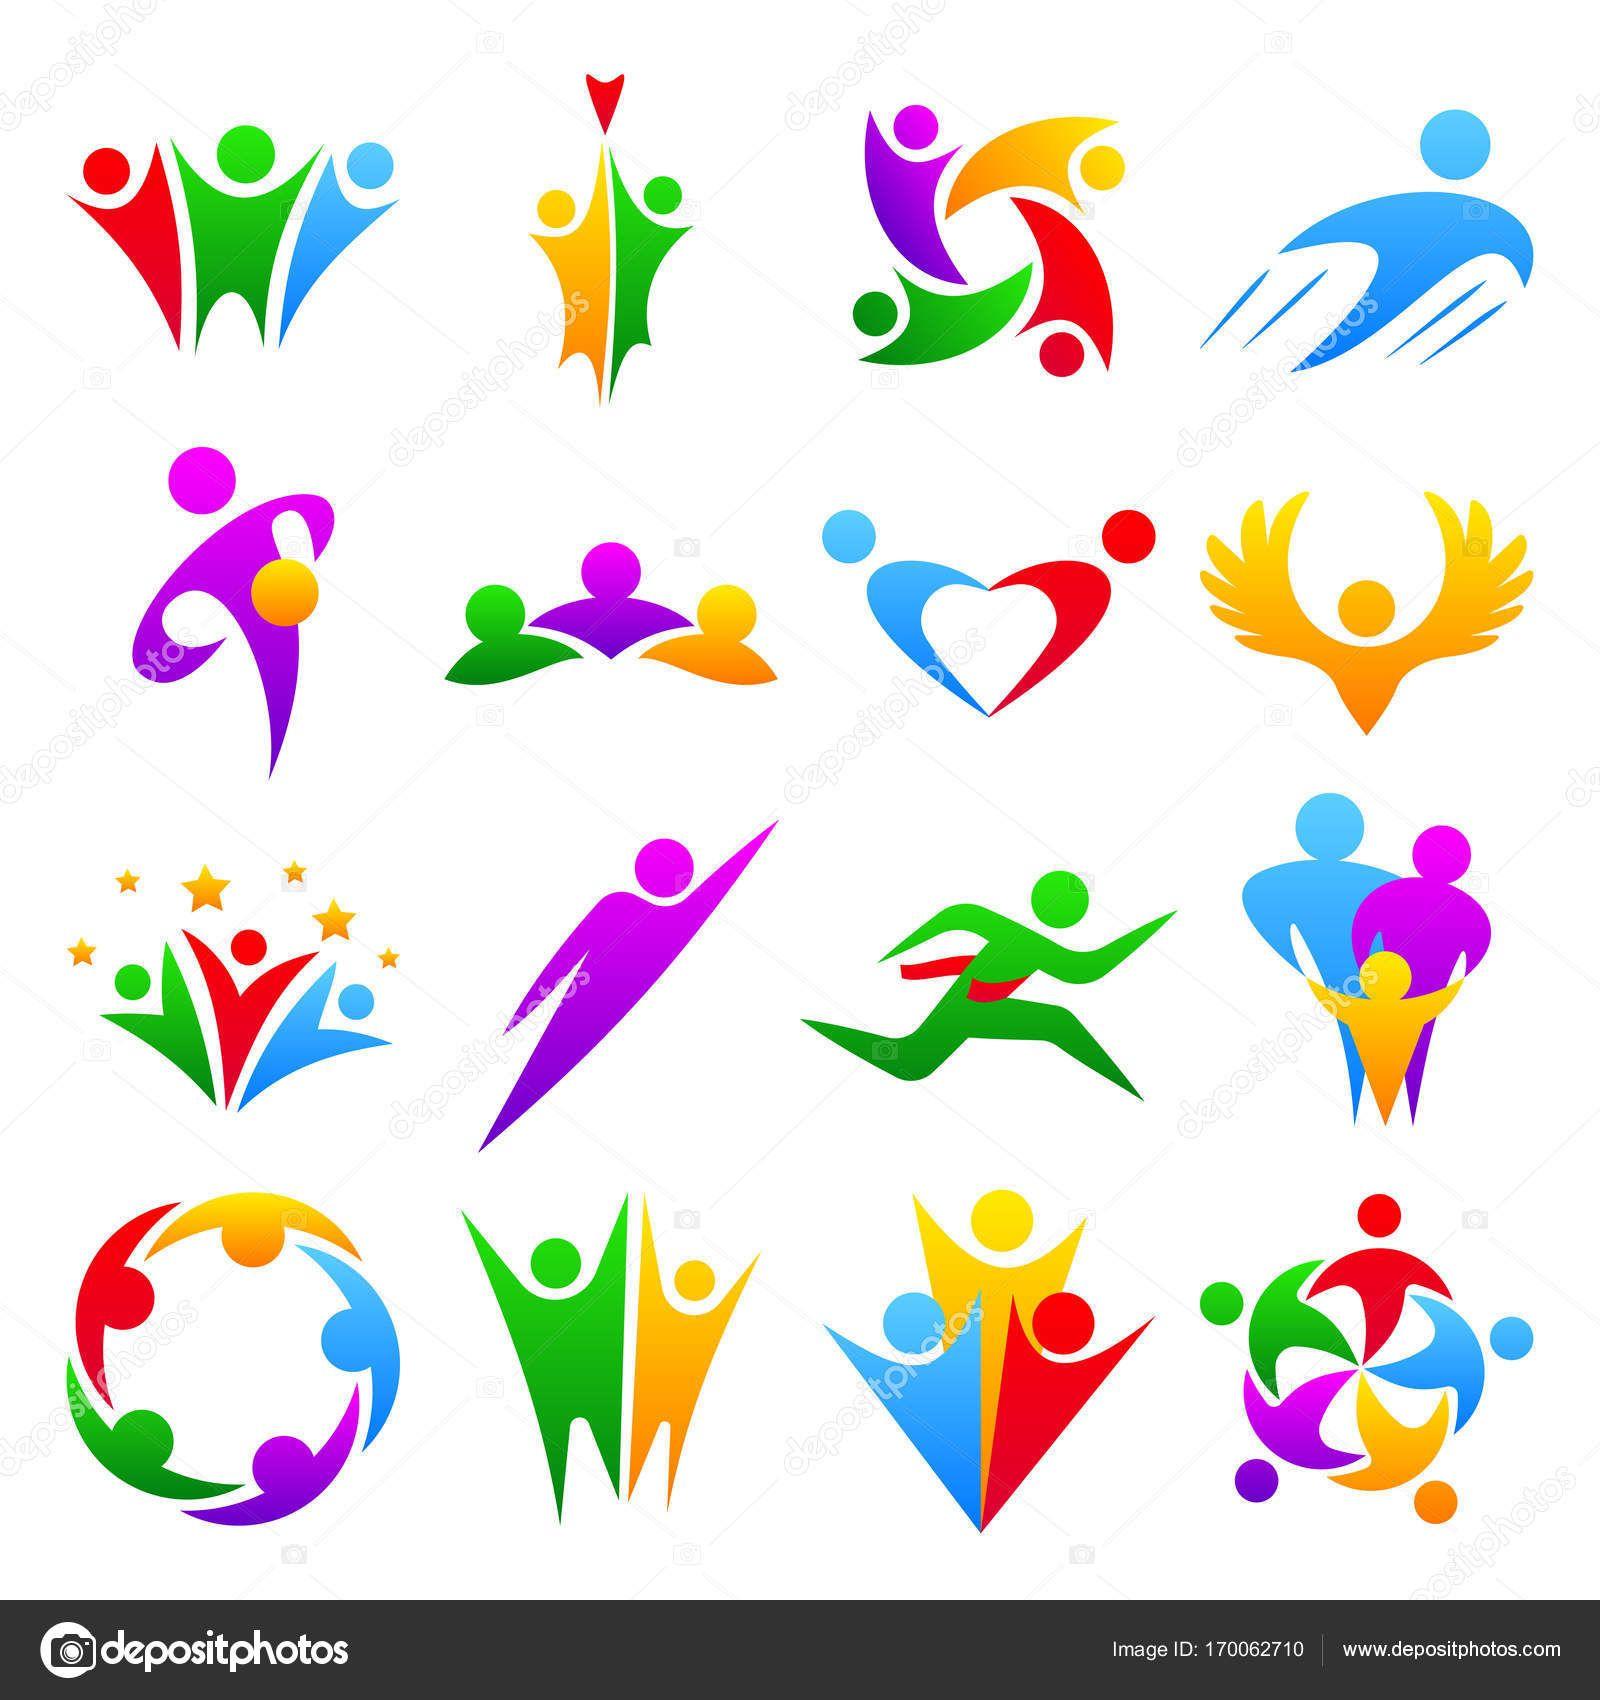 099db2eb4aa61 Descargar libre de regalías Silueta de cuerpo abstracto personas equipos  grupo formas iconos Insignia concepto humano